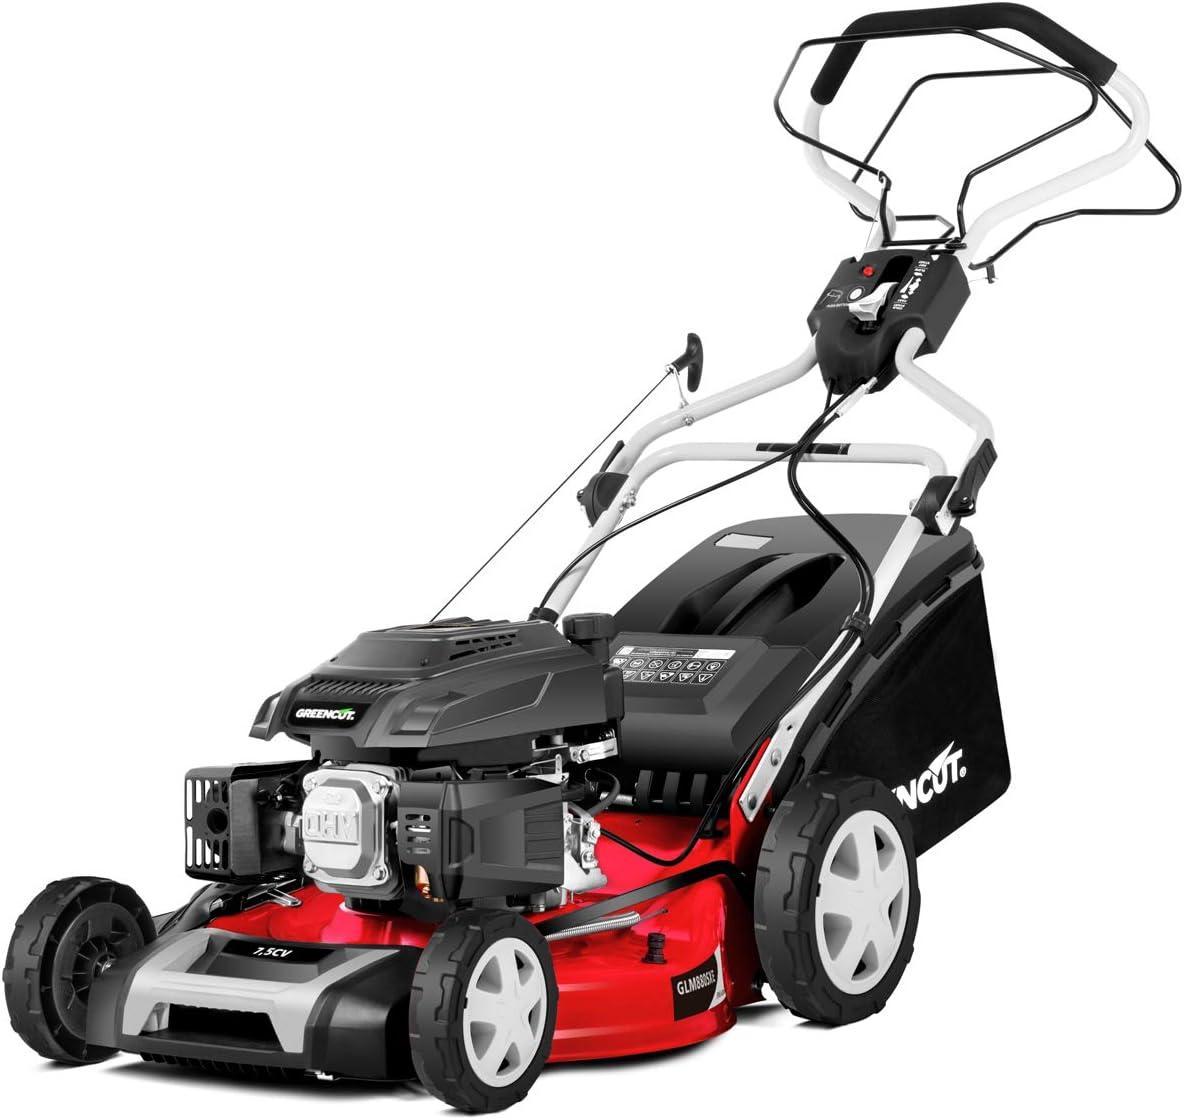 GREENCUT GLM880XE - Cortacésped autopropulsado de gasolina 218cc y 7,5cv con arranque Eléctrico y ancho de corte de 504mm (21